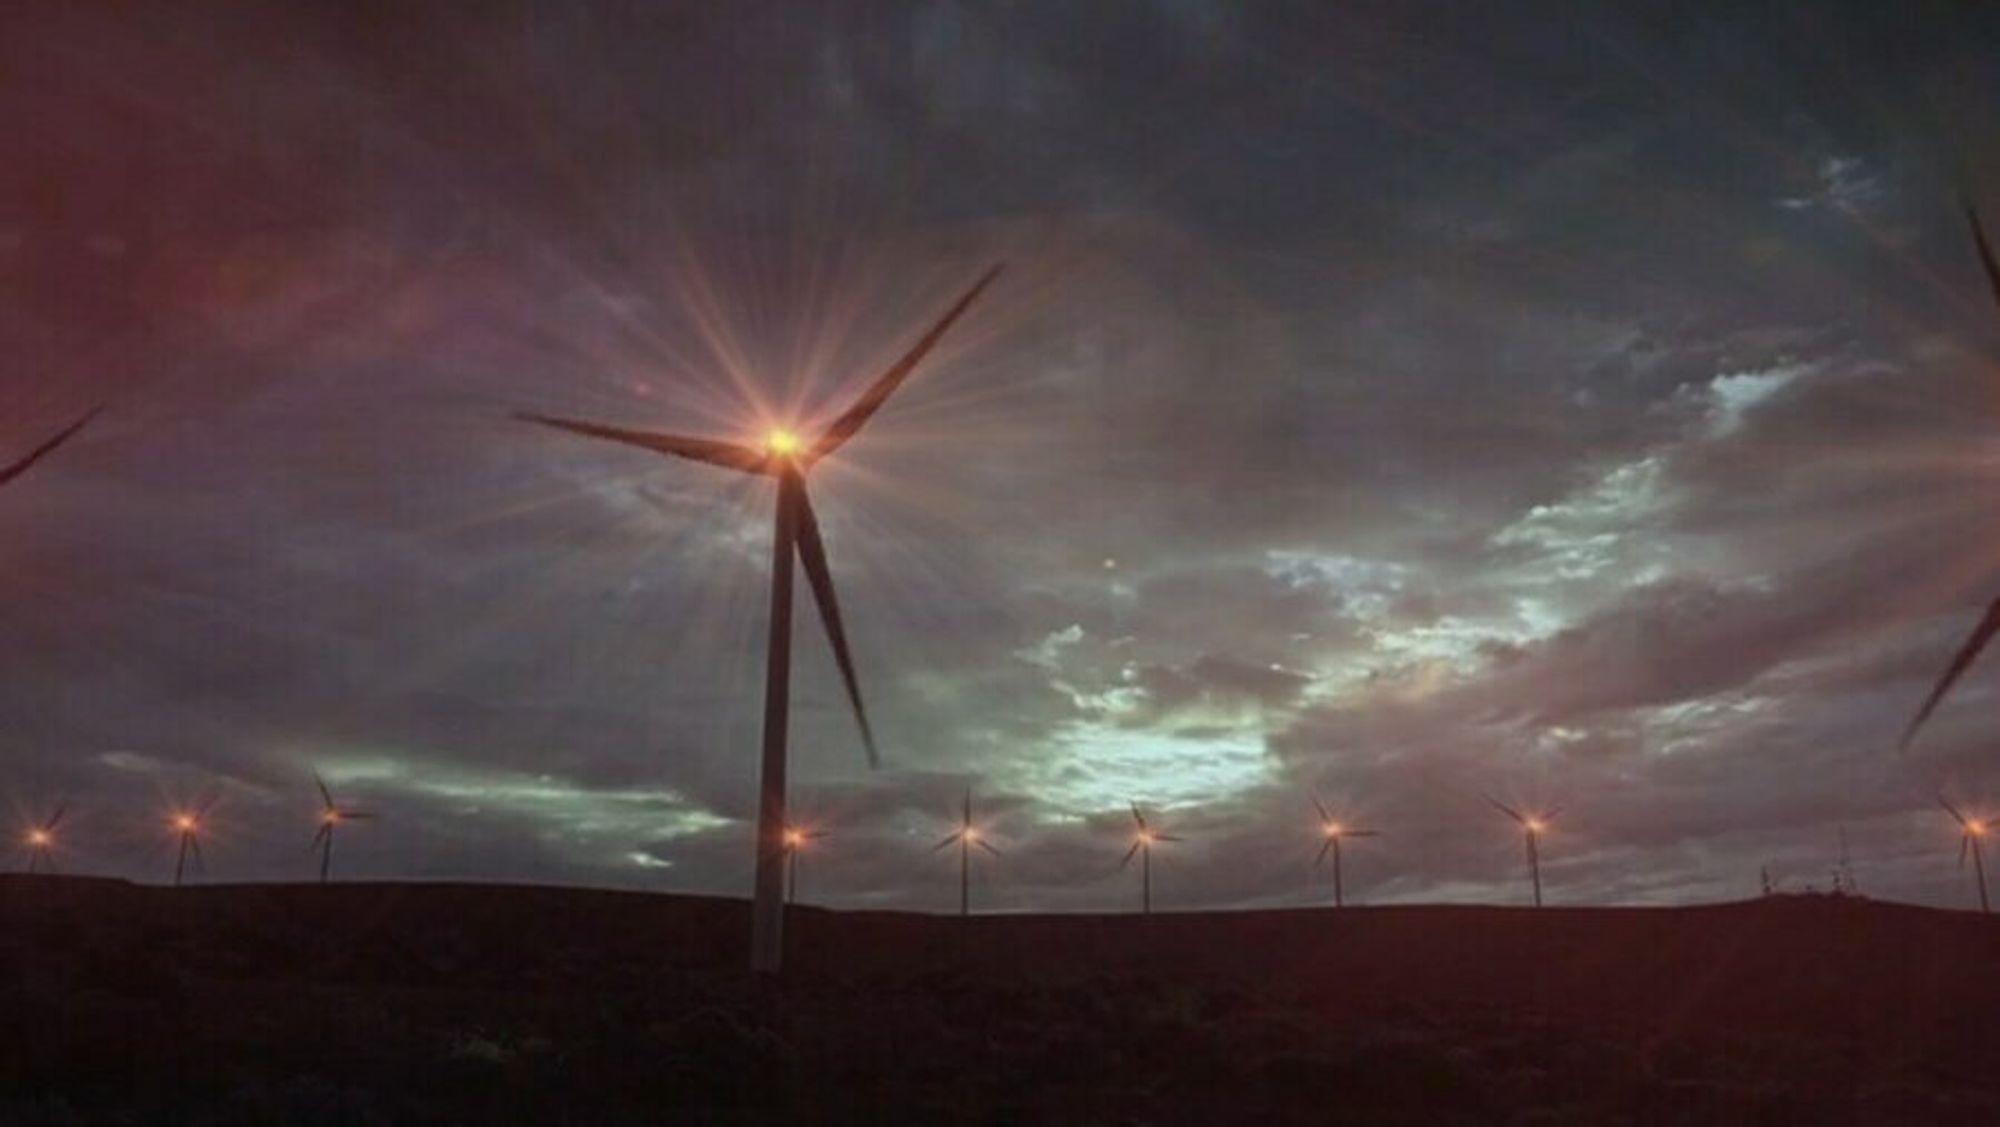 Alle vindturbiner over 150 meter har i dag krav om blinkende høyintensitetslys av hensyn til luftfarten. Men det finnes teknologi som gjør at lysene kan slå seg på bare når luftfartøy er i nærheten.